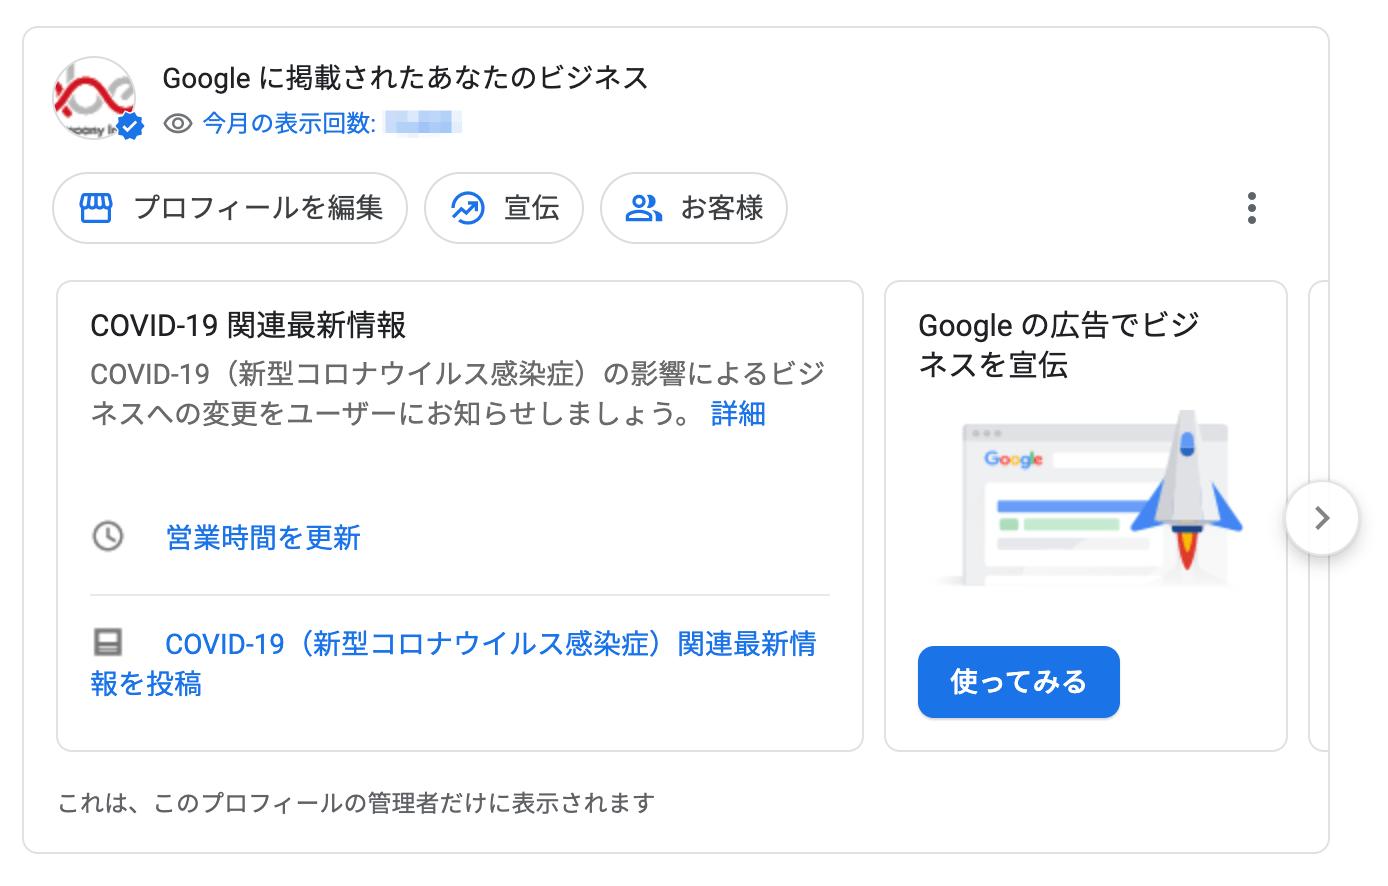 検索結果から GMB 操作